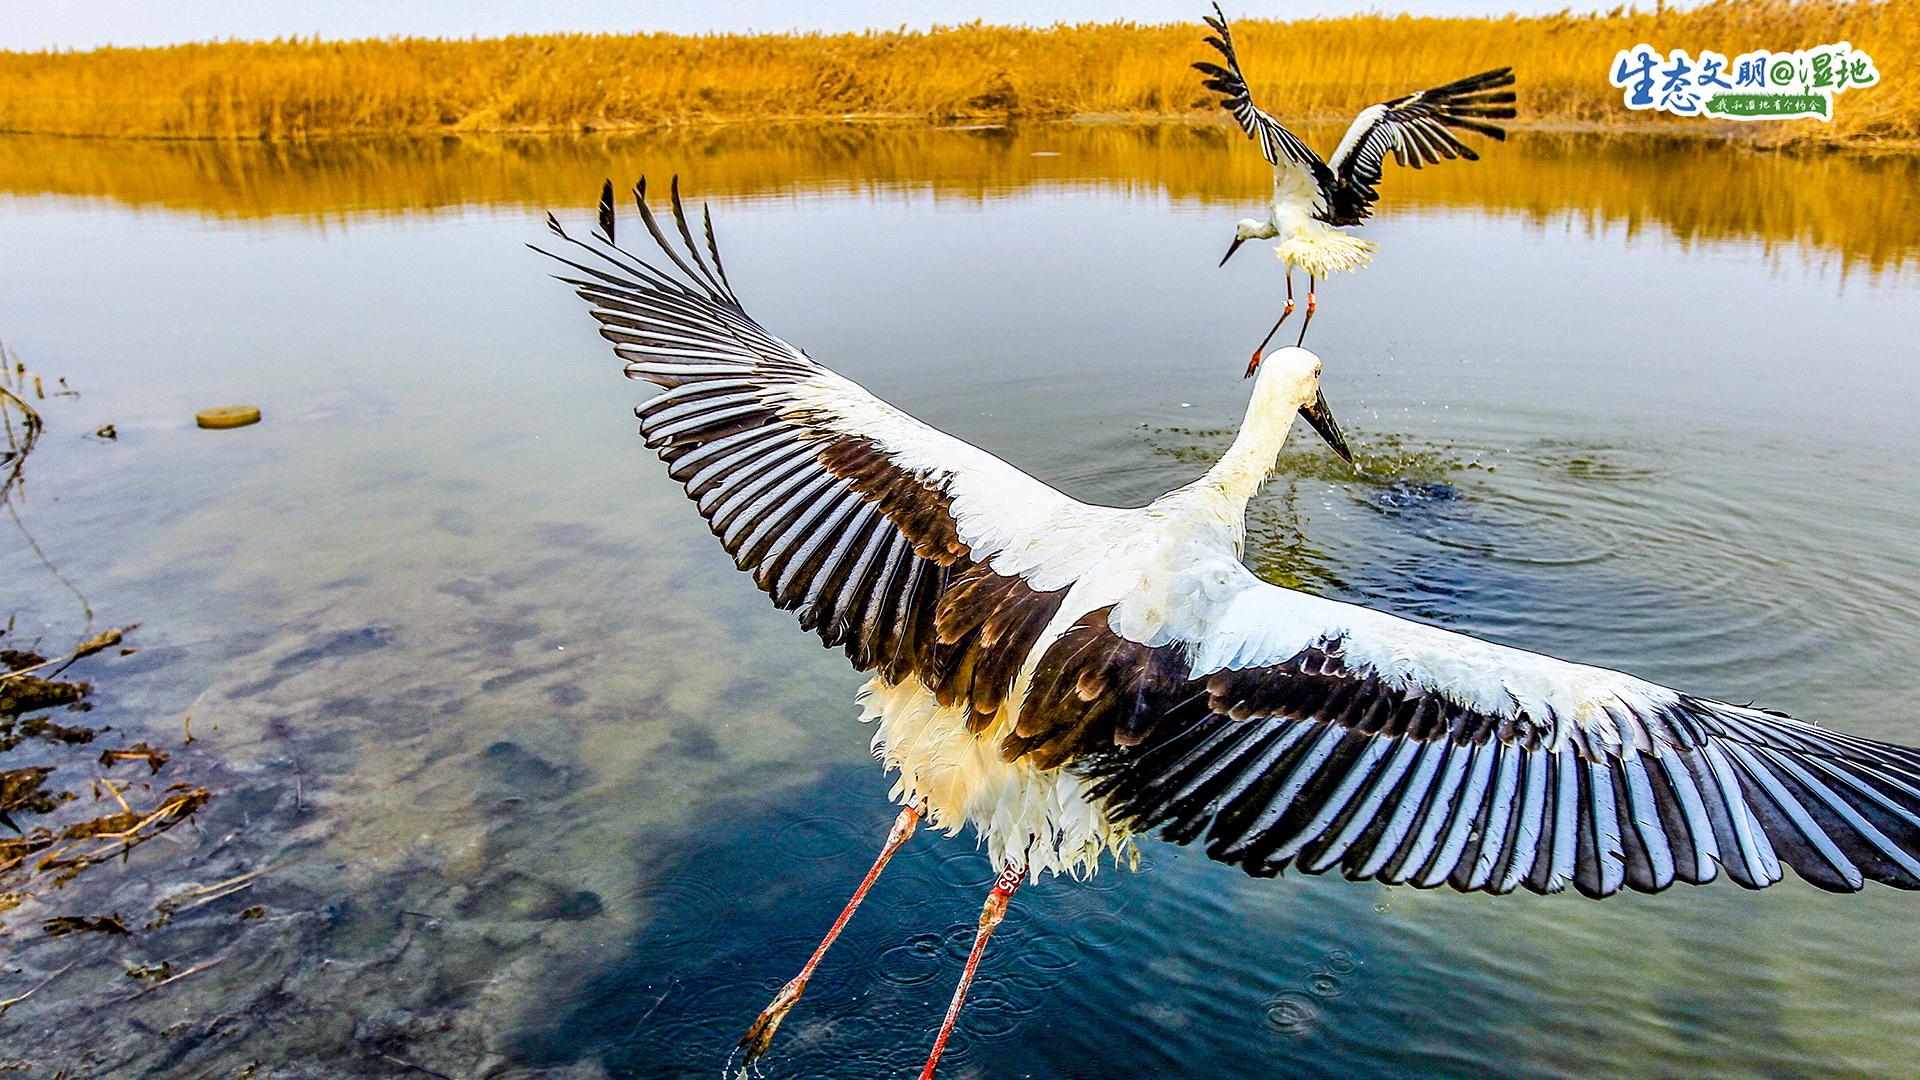 """湿地,是自然馈赠给人类的丰富营养能够保护生物多样性,调节径流,改善水质。湿地,也是候鸟长途迁徙中栖息的地方。土壤浸泡在水中,孕育了丰富的鱼虾,成为鸟类能量补给的来源。许多水生植物,又成为了鸟类天然的遮蔽所。因此,这些位于迁徙路线上的湿地,又被誉为""""鸟类的乐园""""。"""